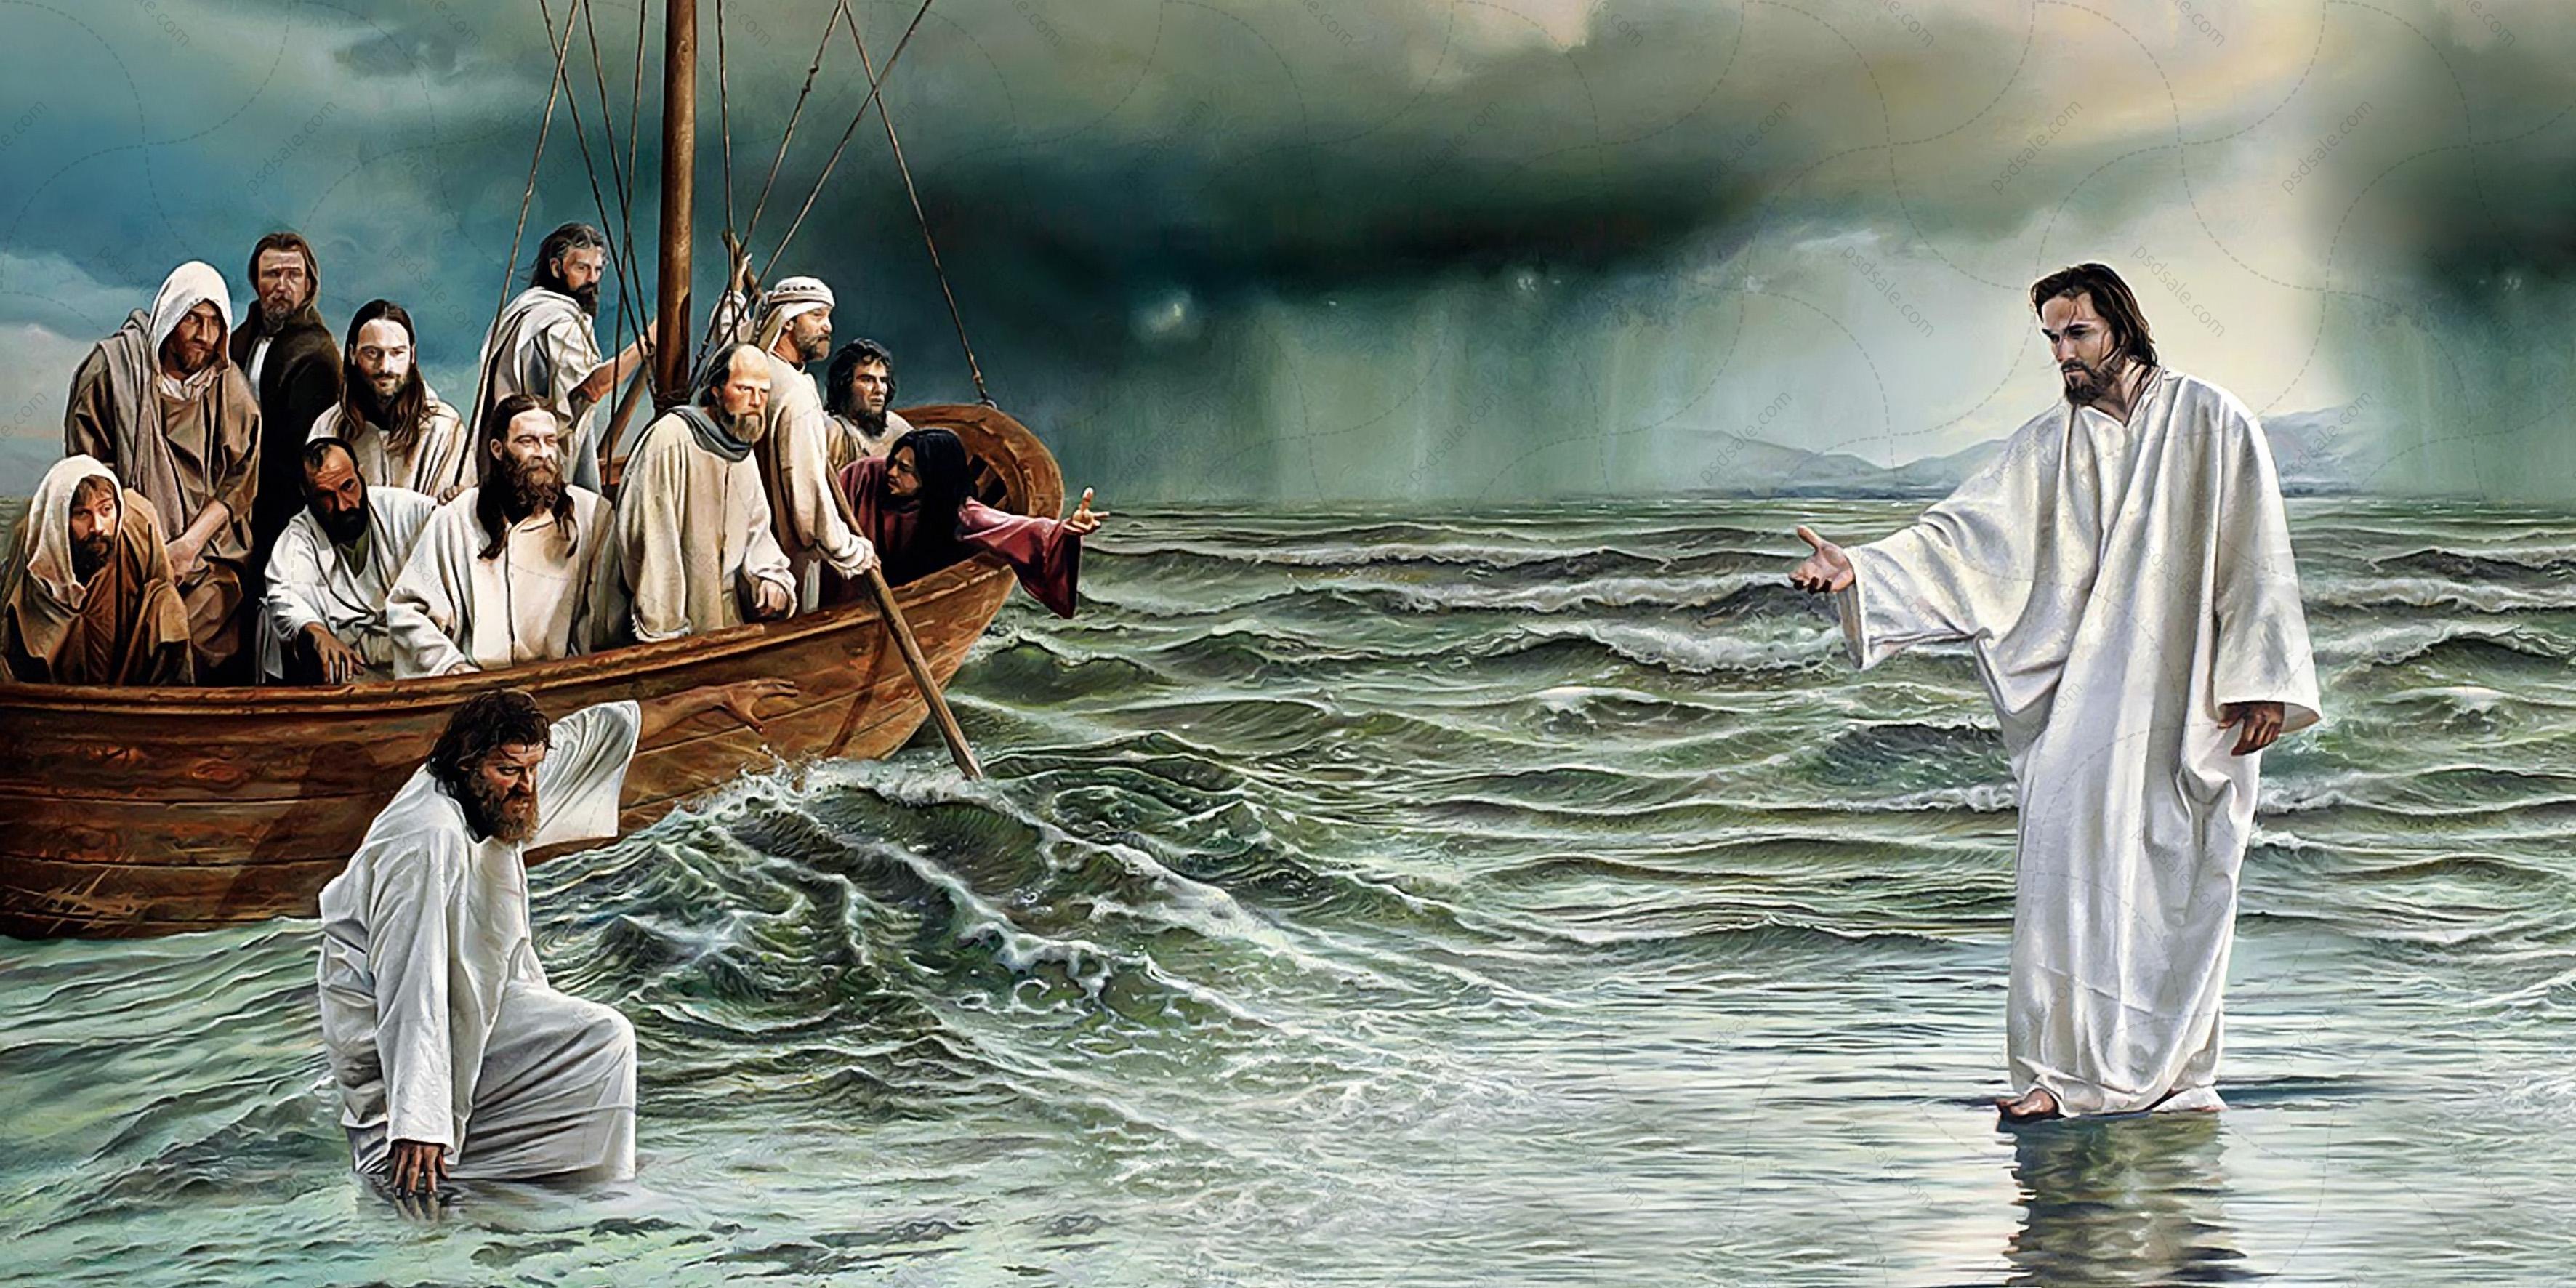 хождение по воде иисусом картинки чаще людей